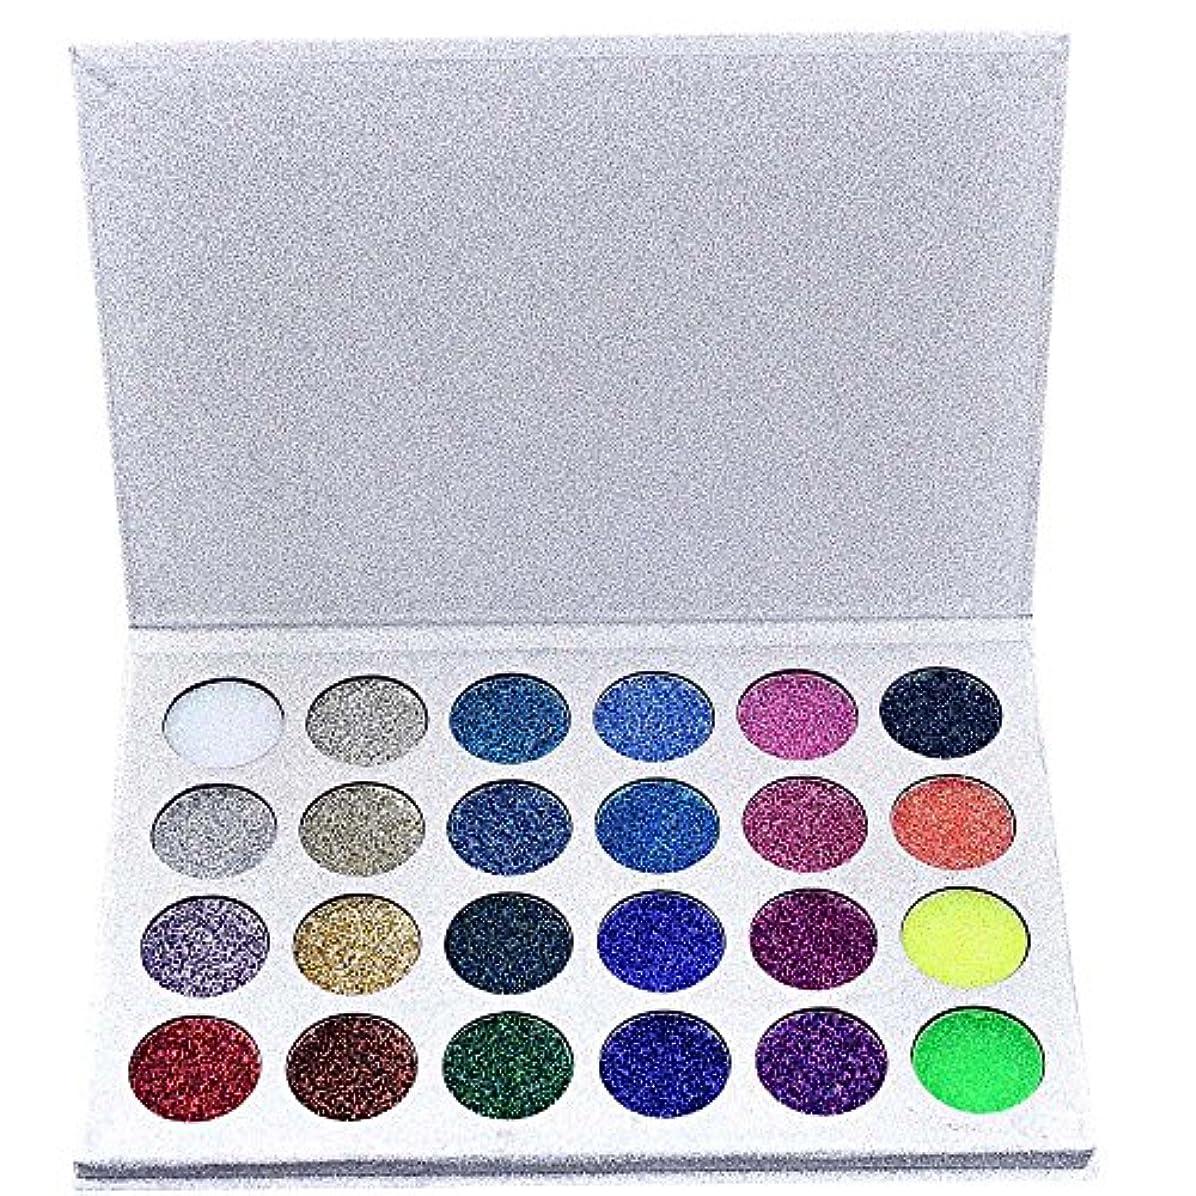 ダムスキャン戦い24色化粧品パウダーアイシャドーパレットメイクナチュラルシマーマットセット